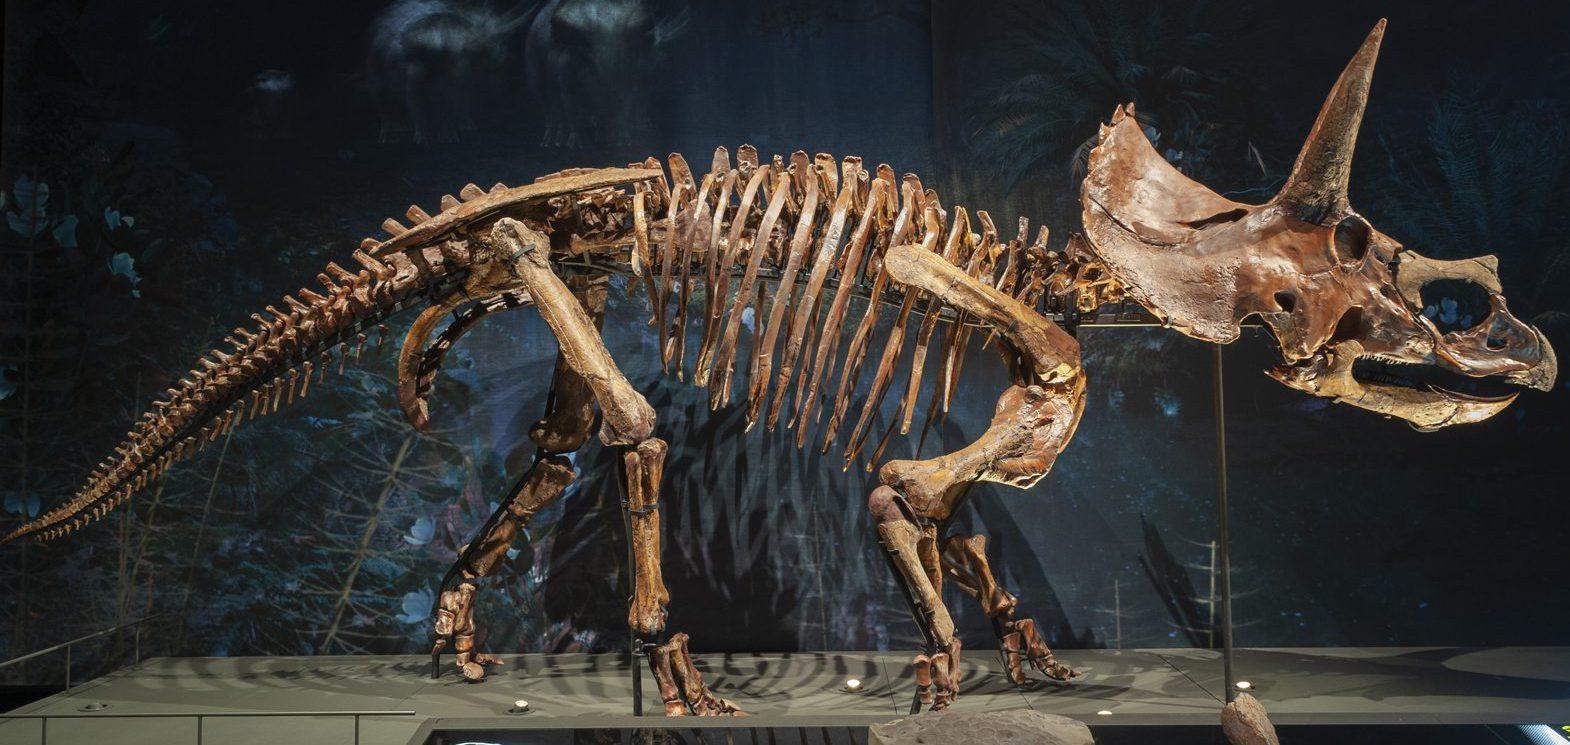 Triceratops Dirk at Naturalis